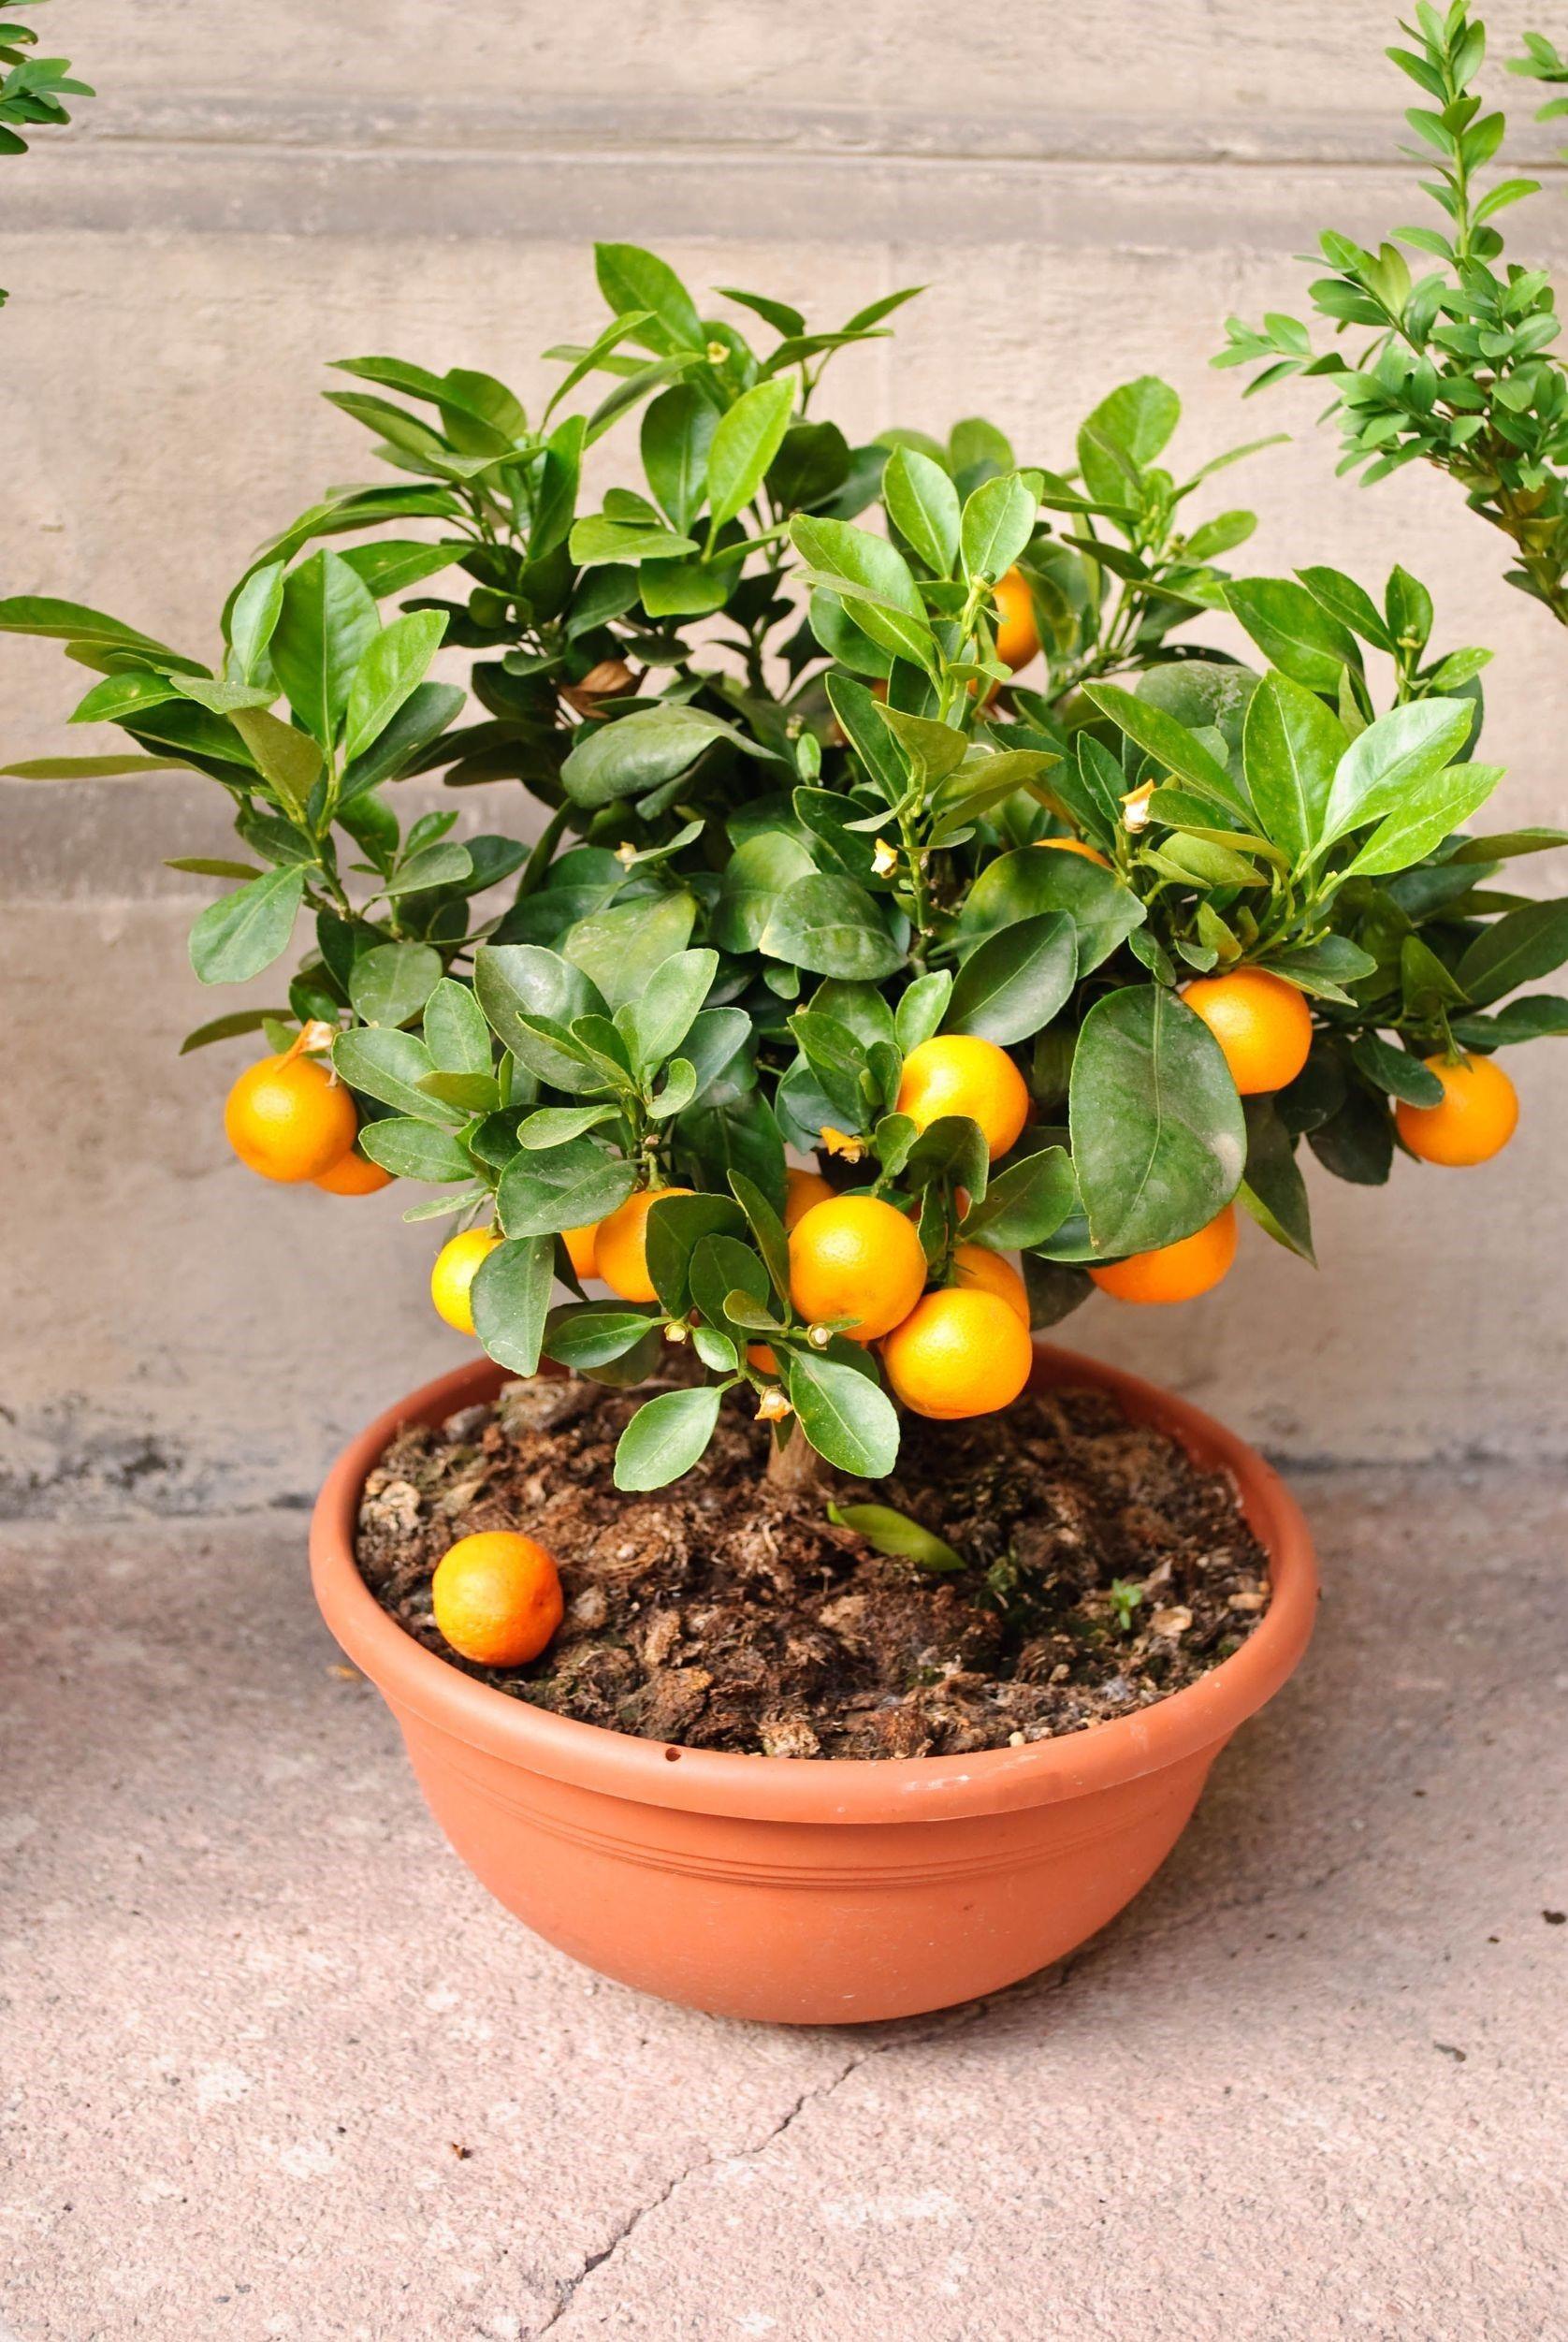 Pin Di Fruit In Pot